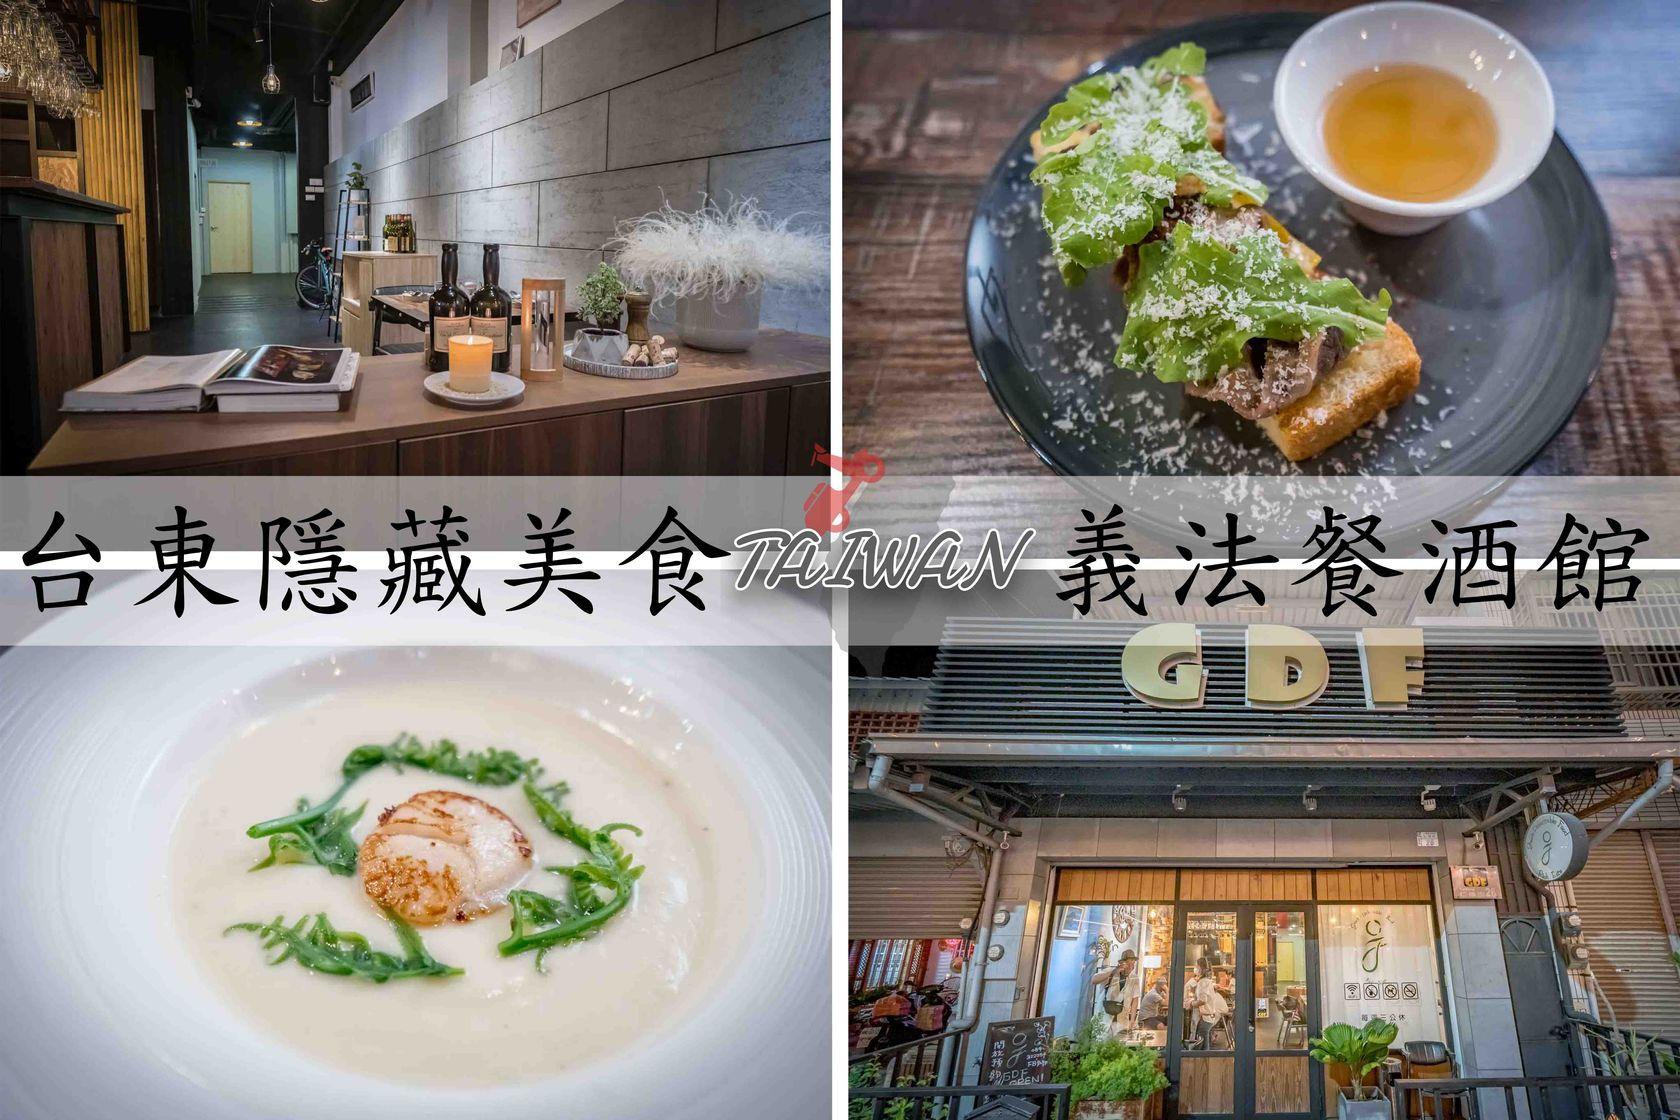 『台東市氣氛餐廳』隱藏巷弄無菜單料理|GDF 義法餐酒館,挑戰你的美食味蕾